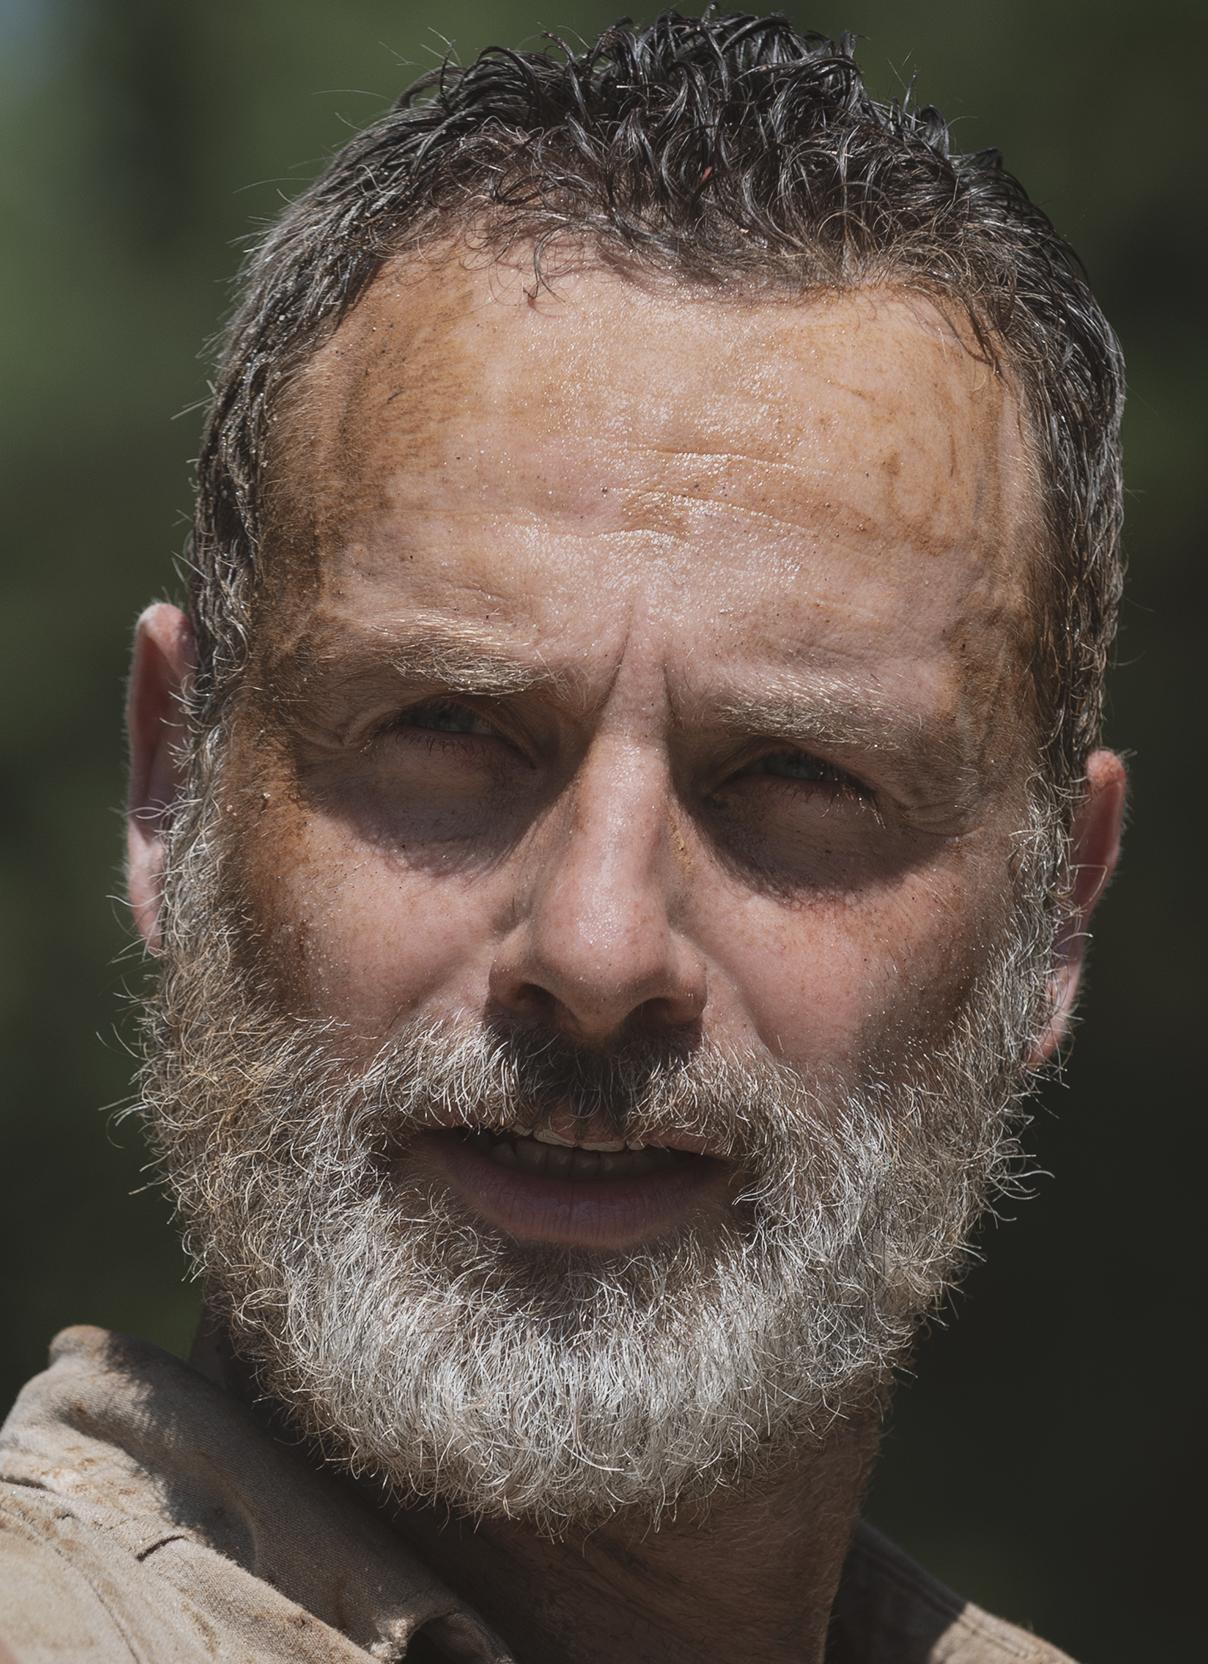 walking dead season 5 episode 1-8 download